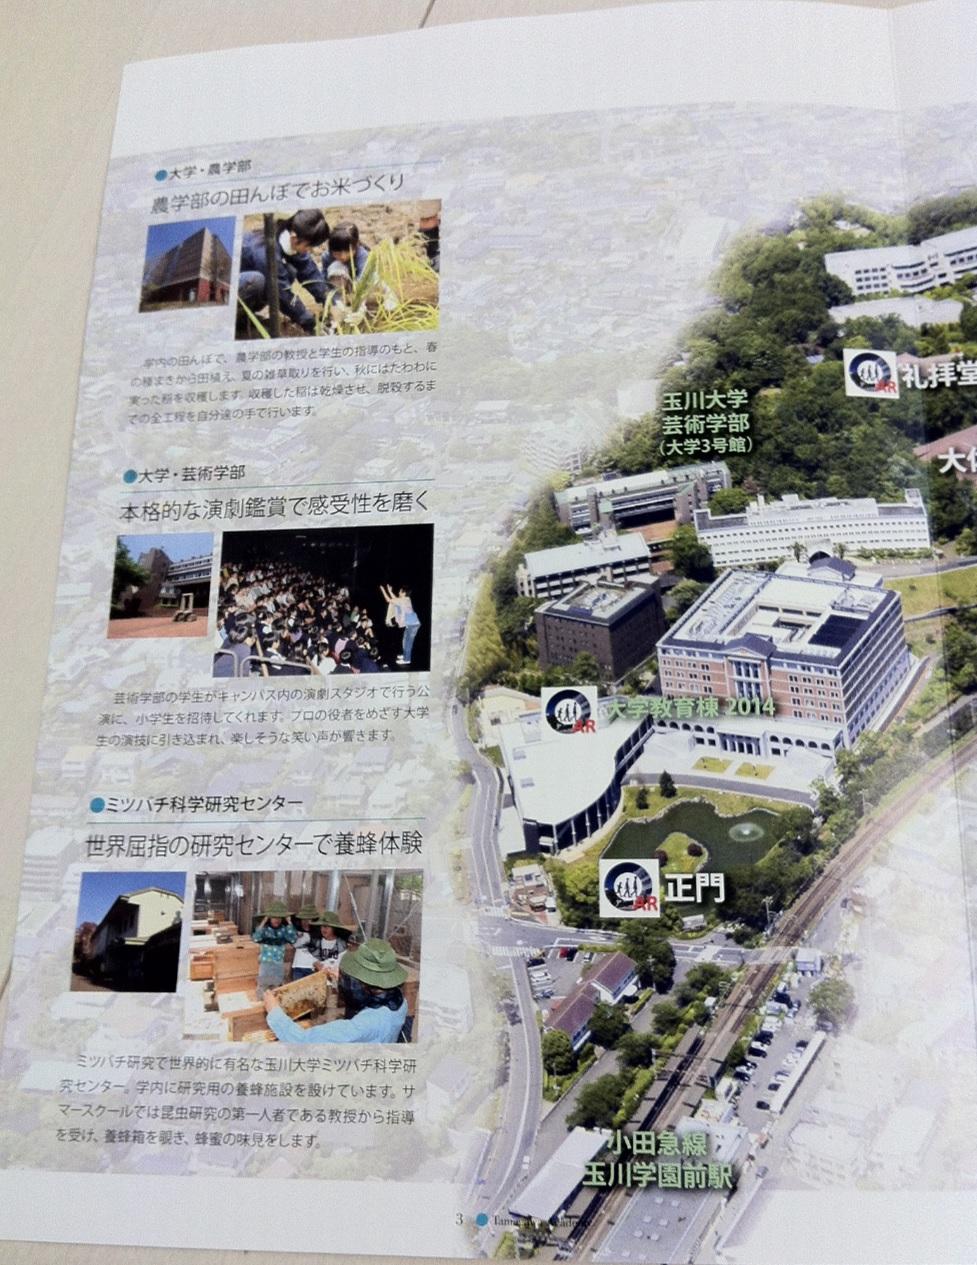 玉川学園小学校の学校案内パンフレット画像キャプチャ(ページ3)